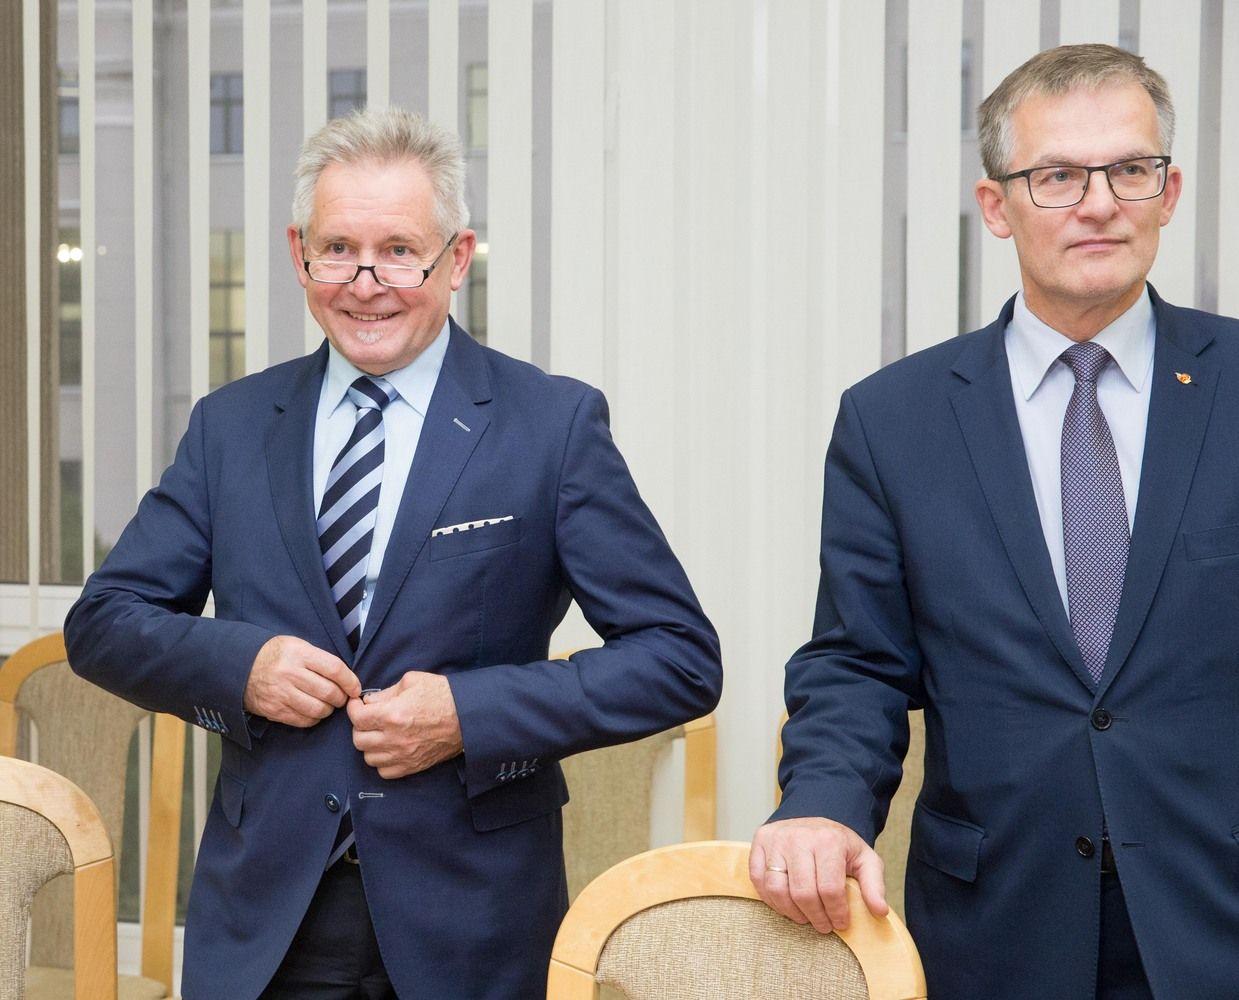 Sysas ir Sabatauskas kol kas lieka vadovauti Seimo komitetams